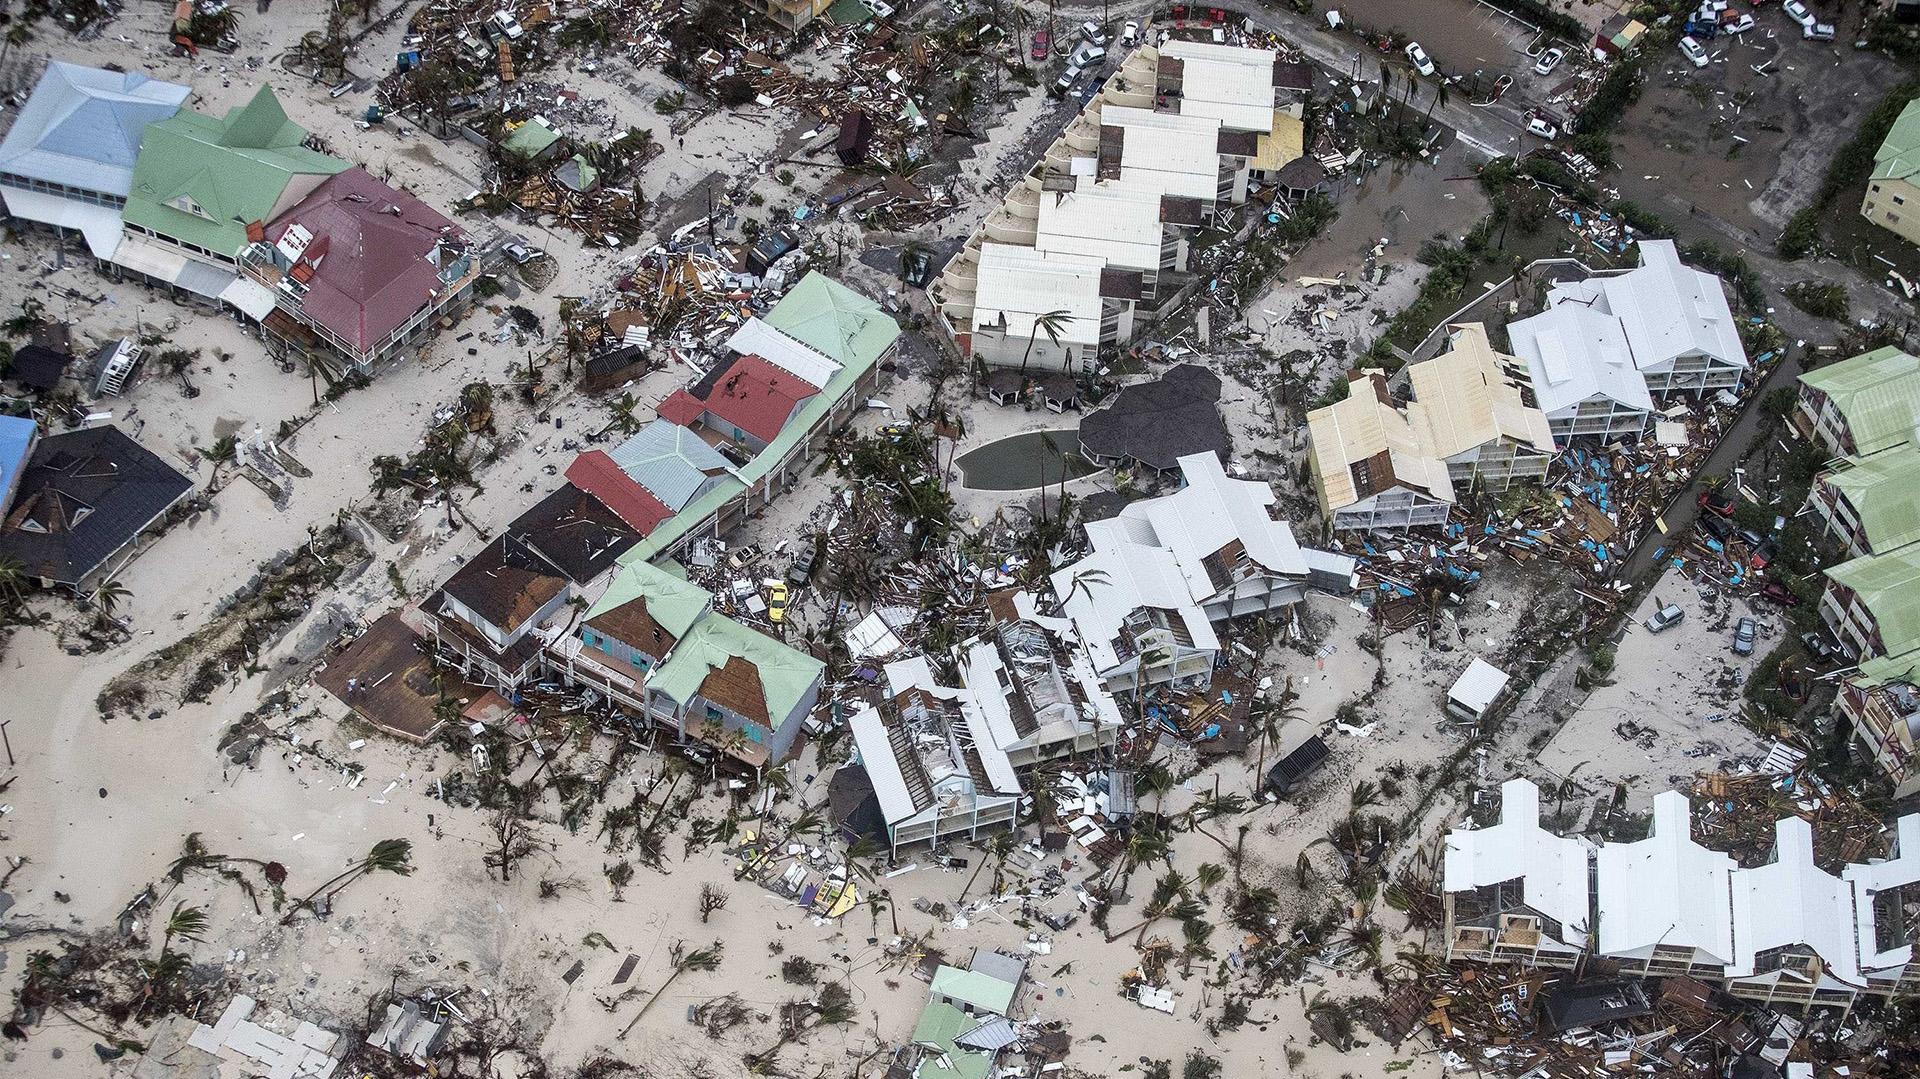 Fotografía facilitada por el Departamento de Defensa de Holanda que muestra una vista aérea de los daños causados por el huracán Irma a su paso por Philipsburg, en la isla de St. Martin, ayer 6 de septiembre de 2017.(EFE)